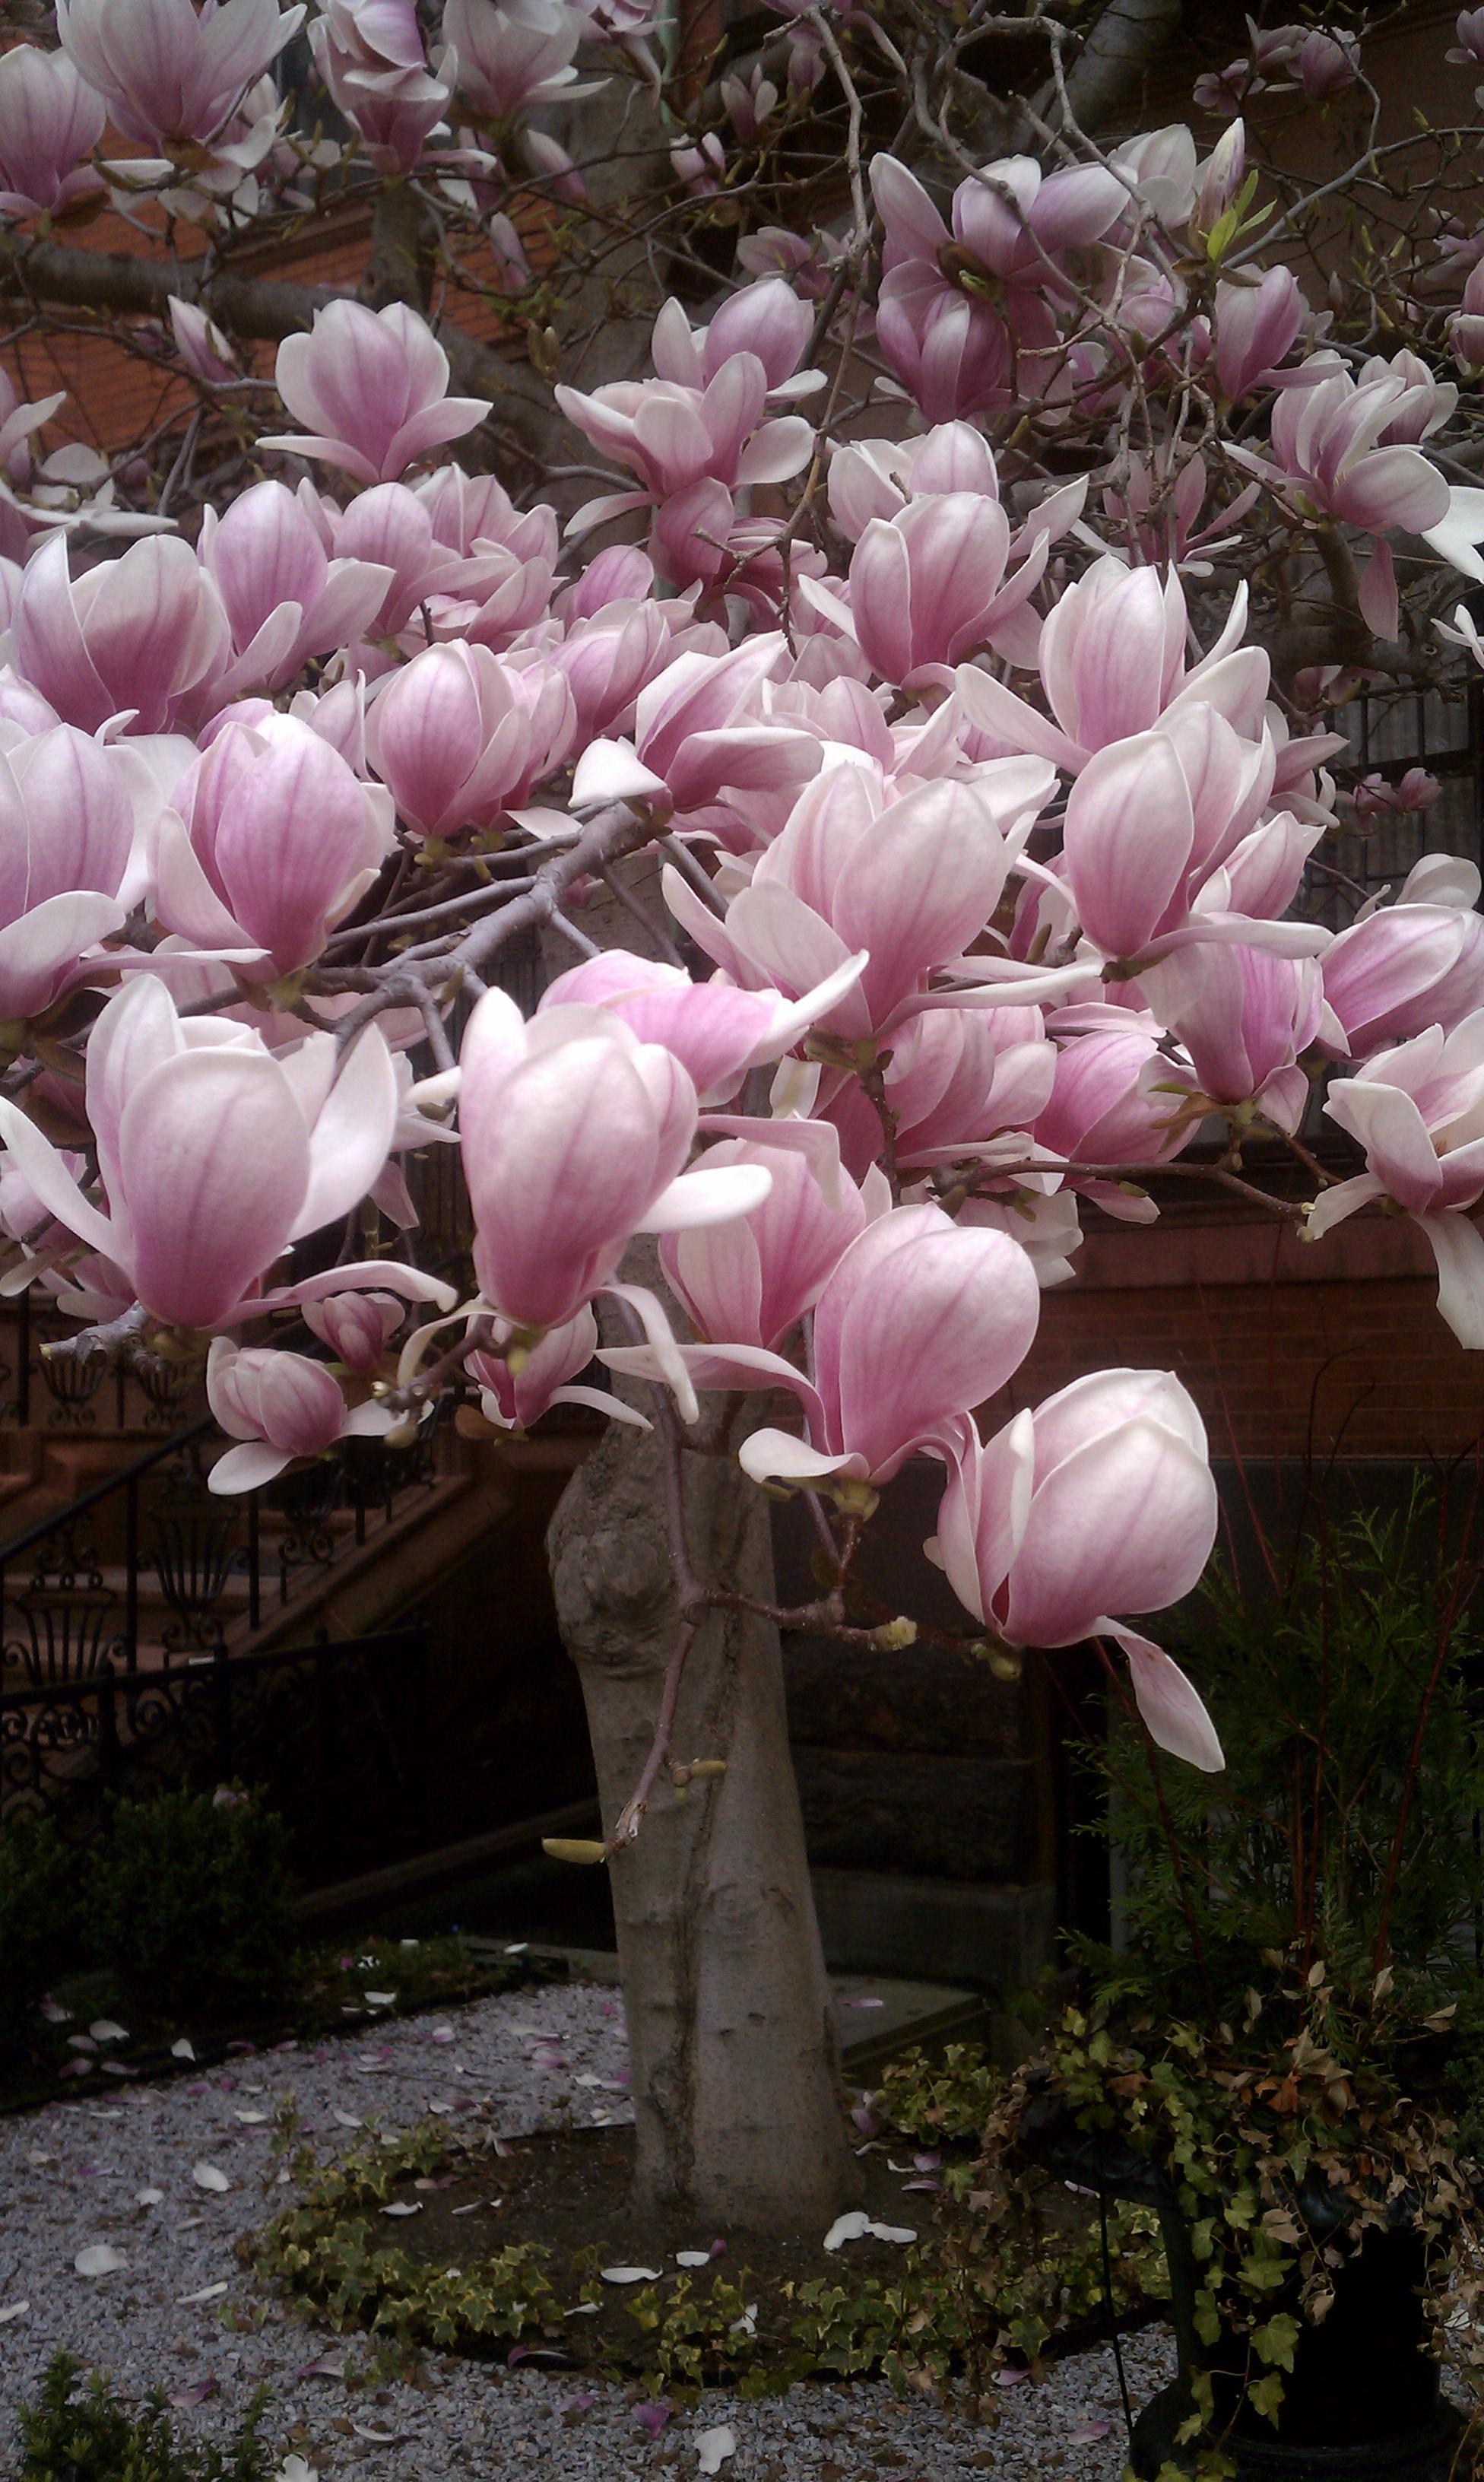 Magnolias In Bloom In Boston City Garden Ideas